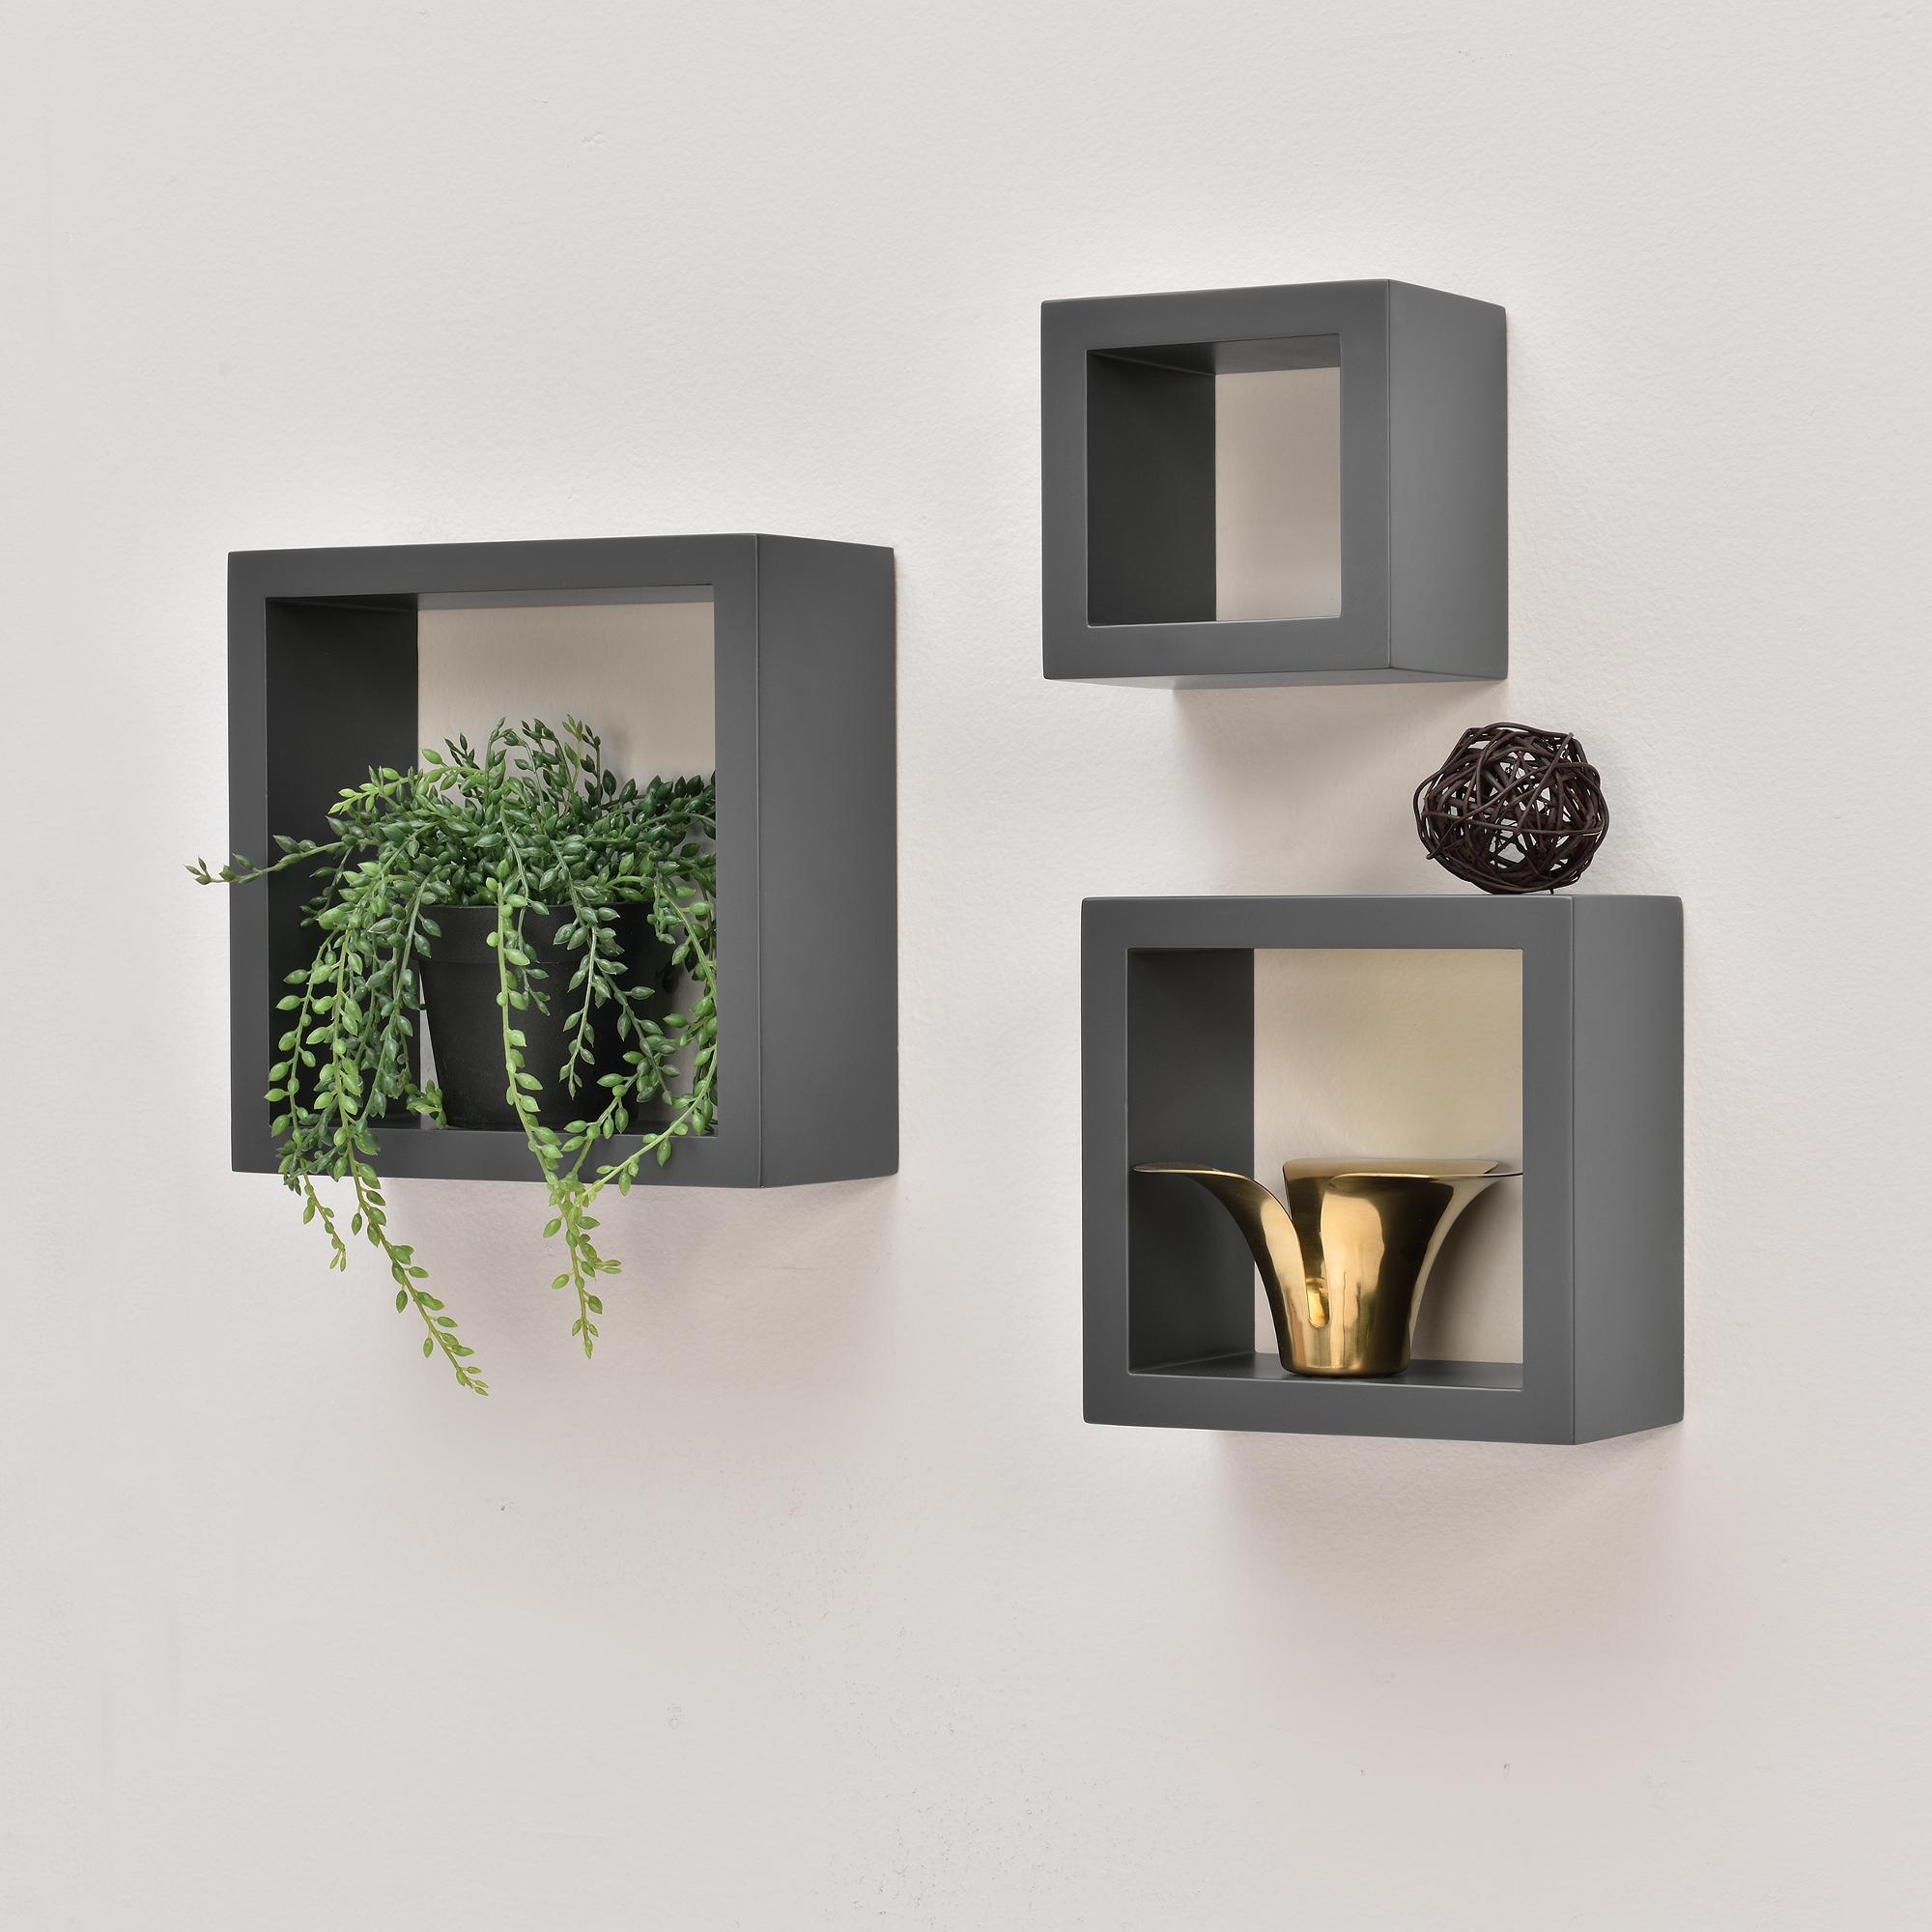 3er set wandregal h ngeregal b cherregal cube lounge cd regal grau ebay. Black Bedroom Furniture Sets. Home Design Ideas